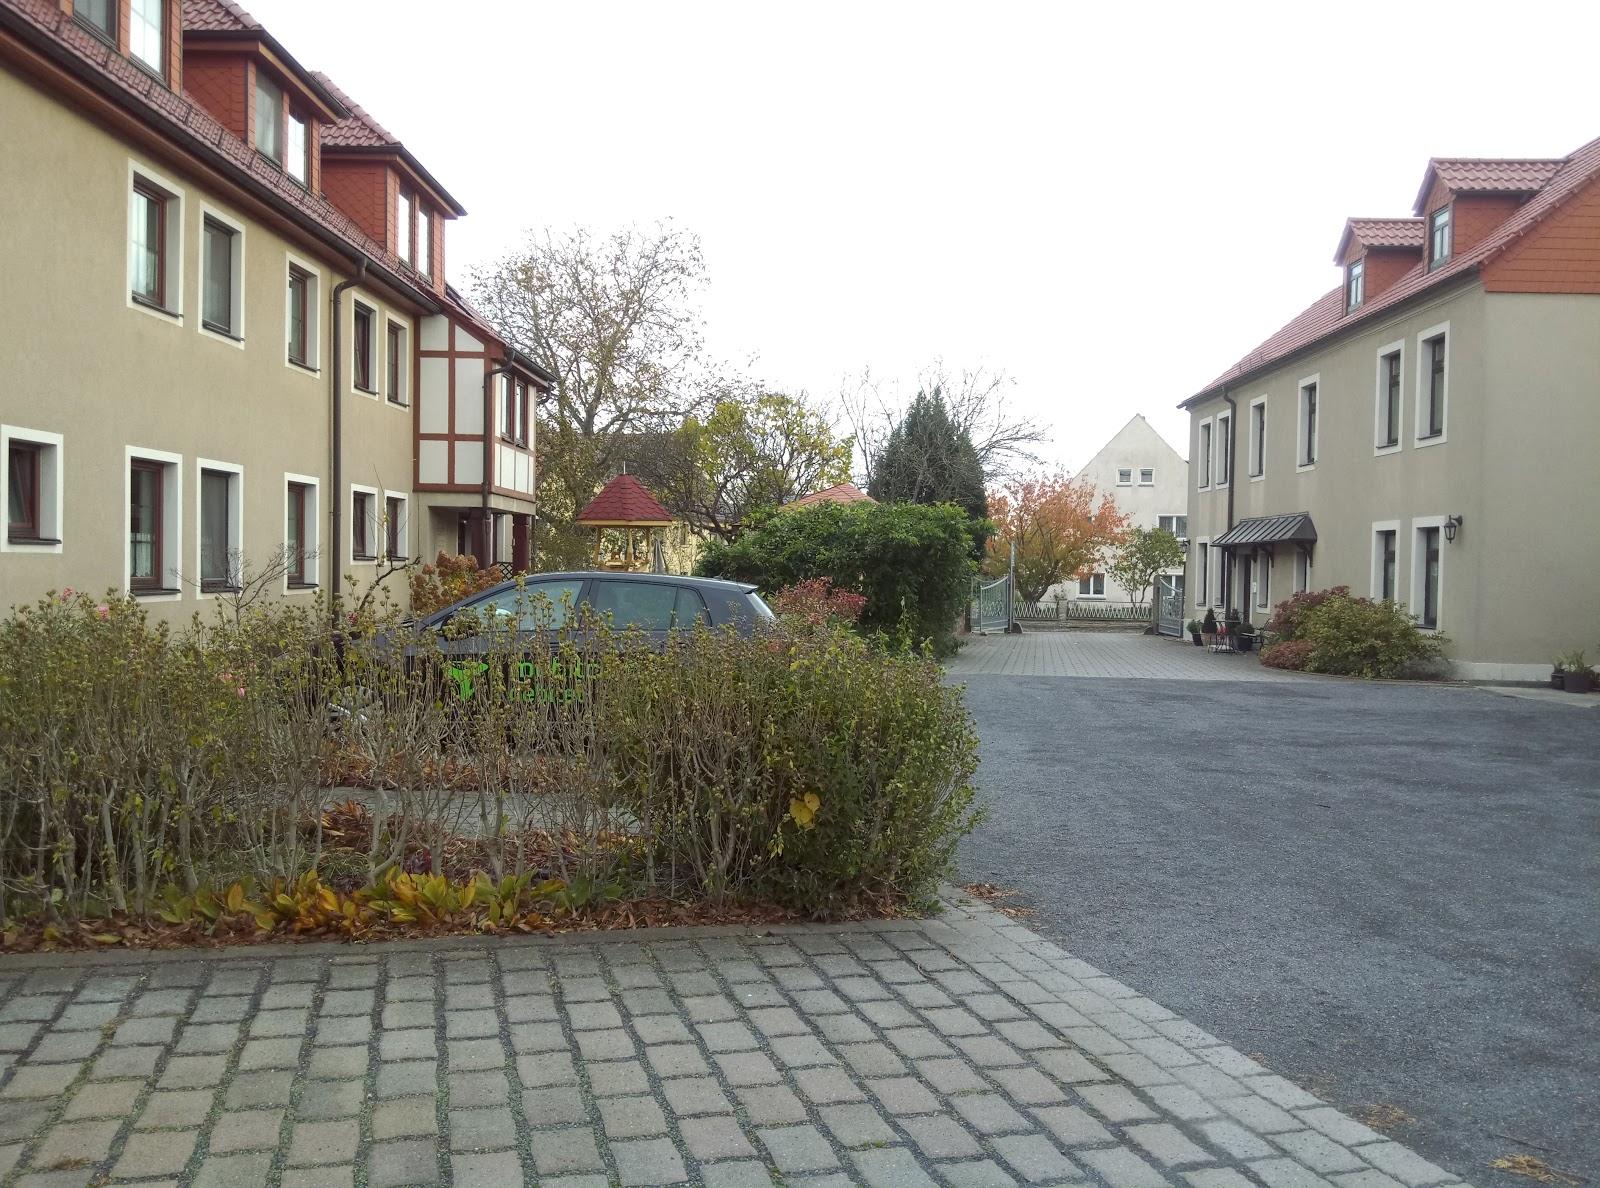 Familiensport- und FKK - Bund Waldteichfreunde Moritzburg e.V Map ...